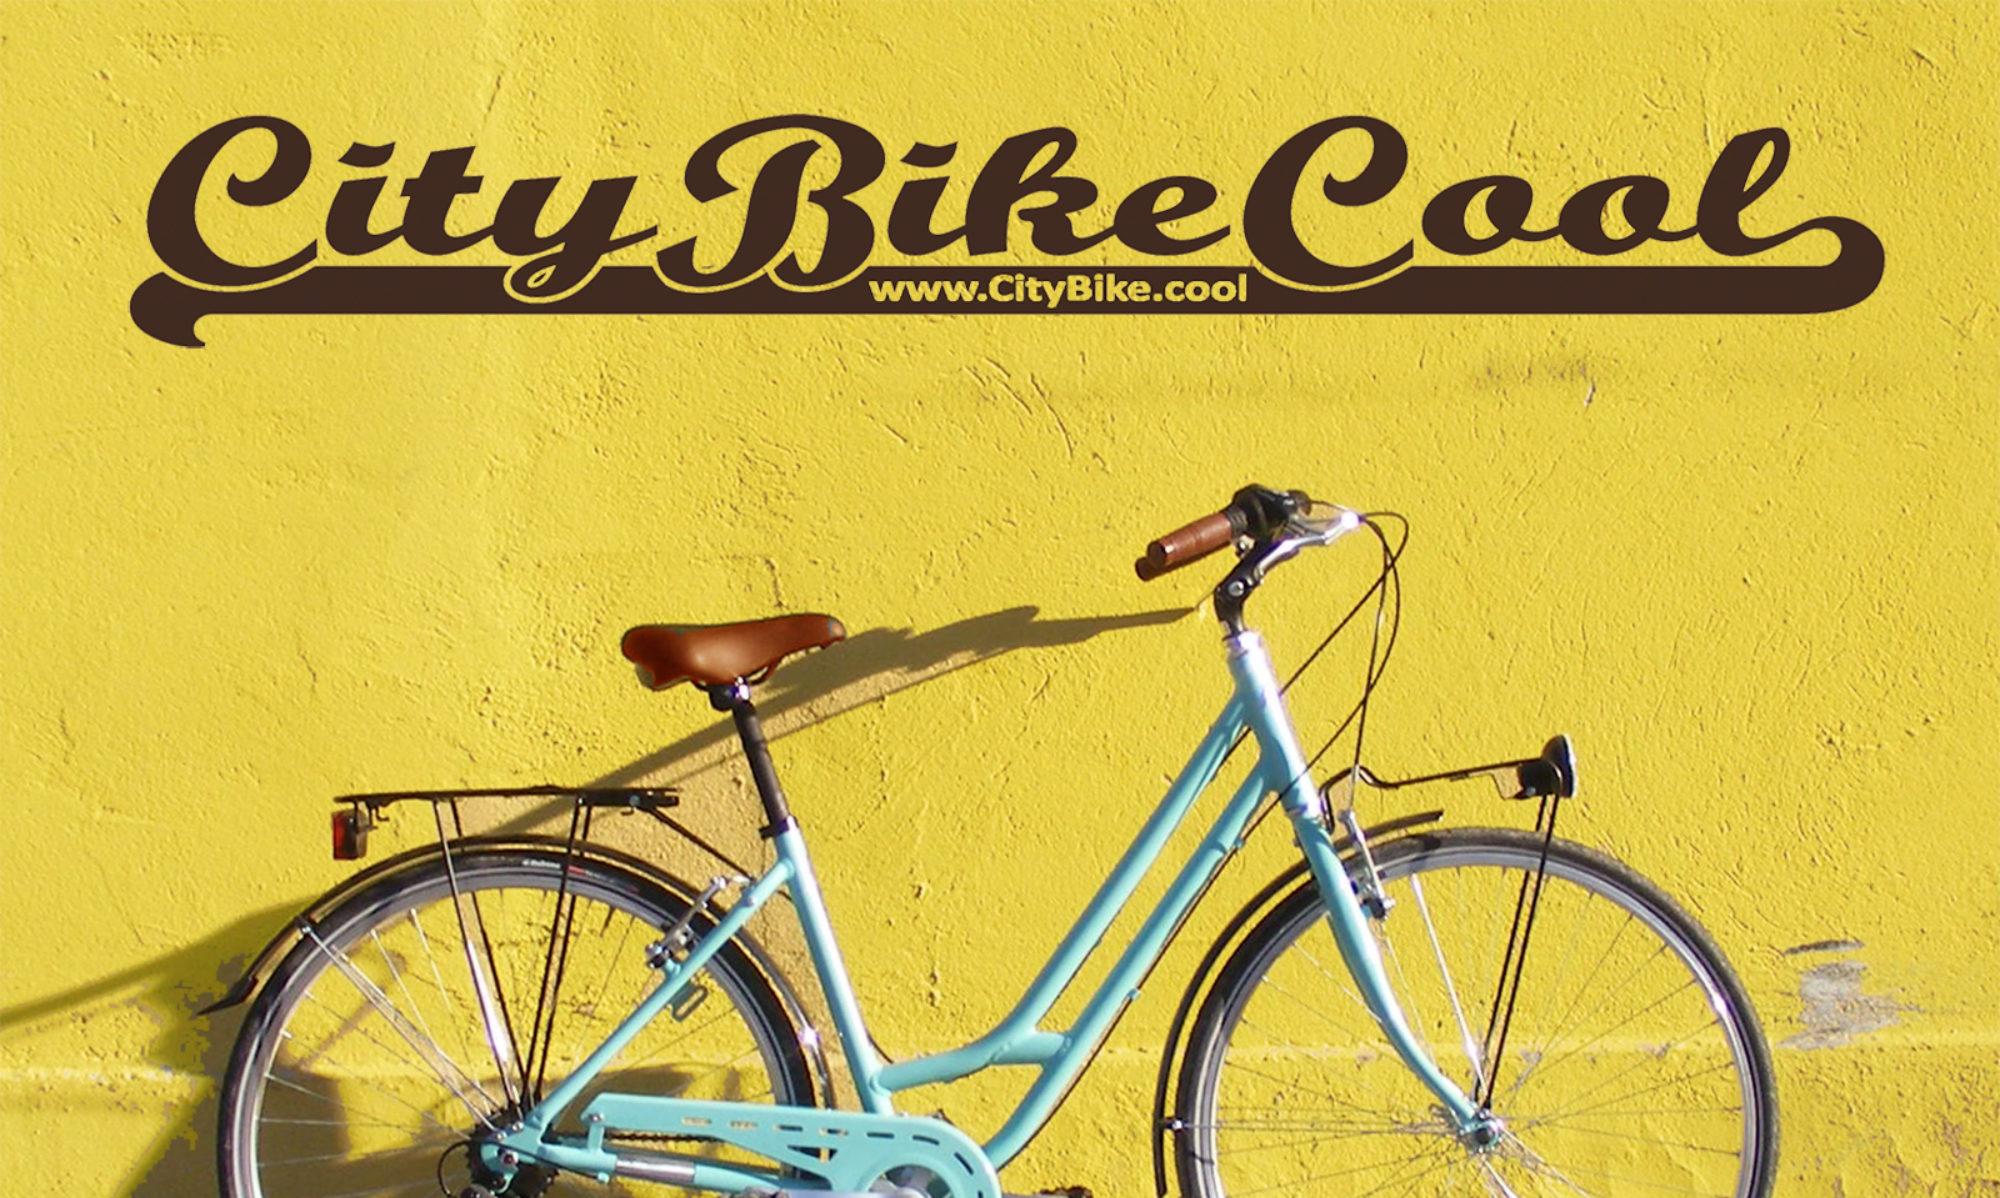 .: City Bike Cool :.